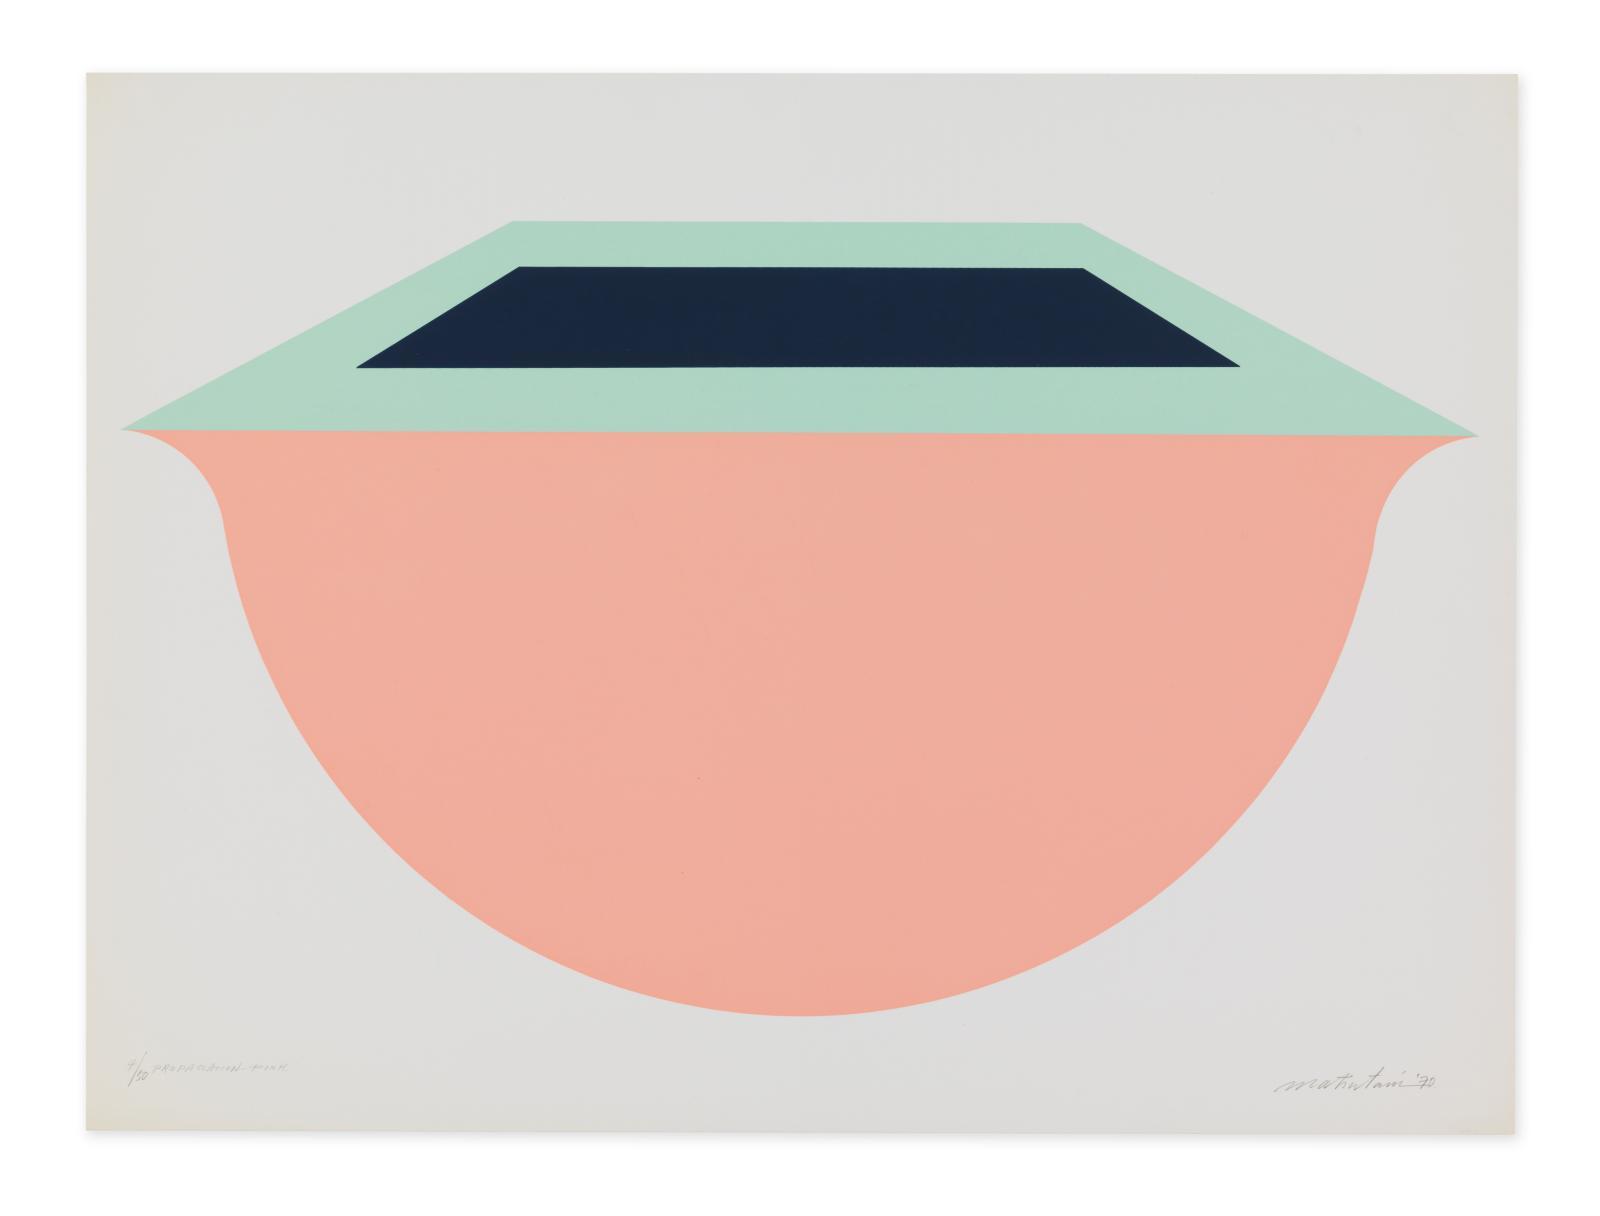 Takesada Matsutani(né en 1937), Propagation-Pink, 1970, sérigraphie sur papier offset, 56,3x78 cm, bibliothèque de l'Institut national